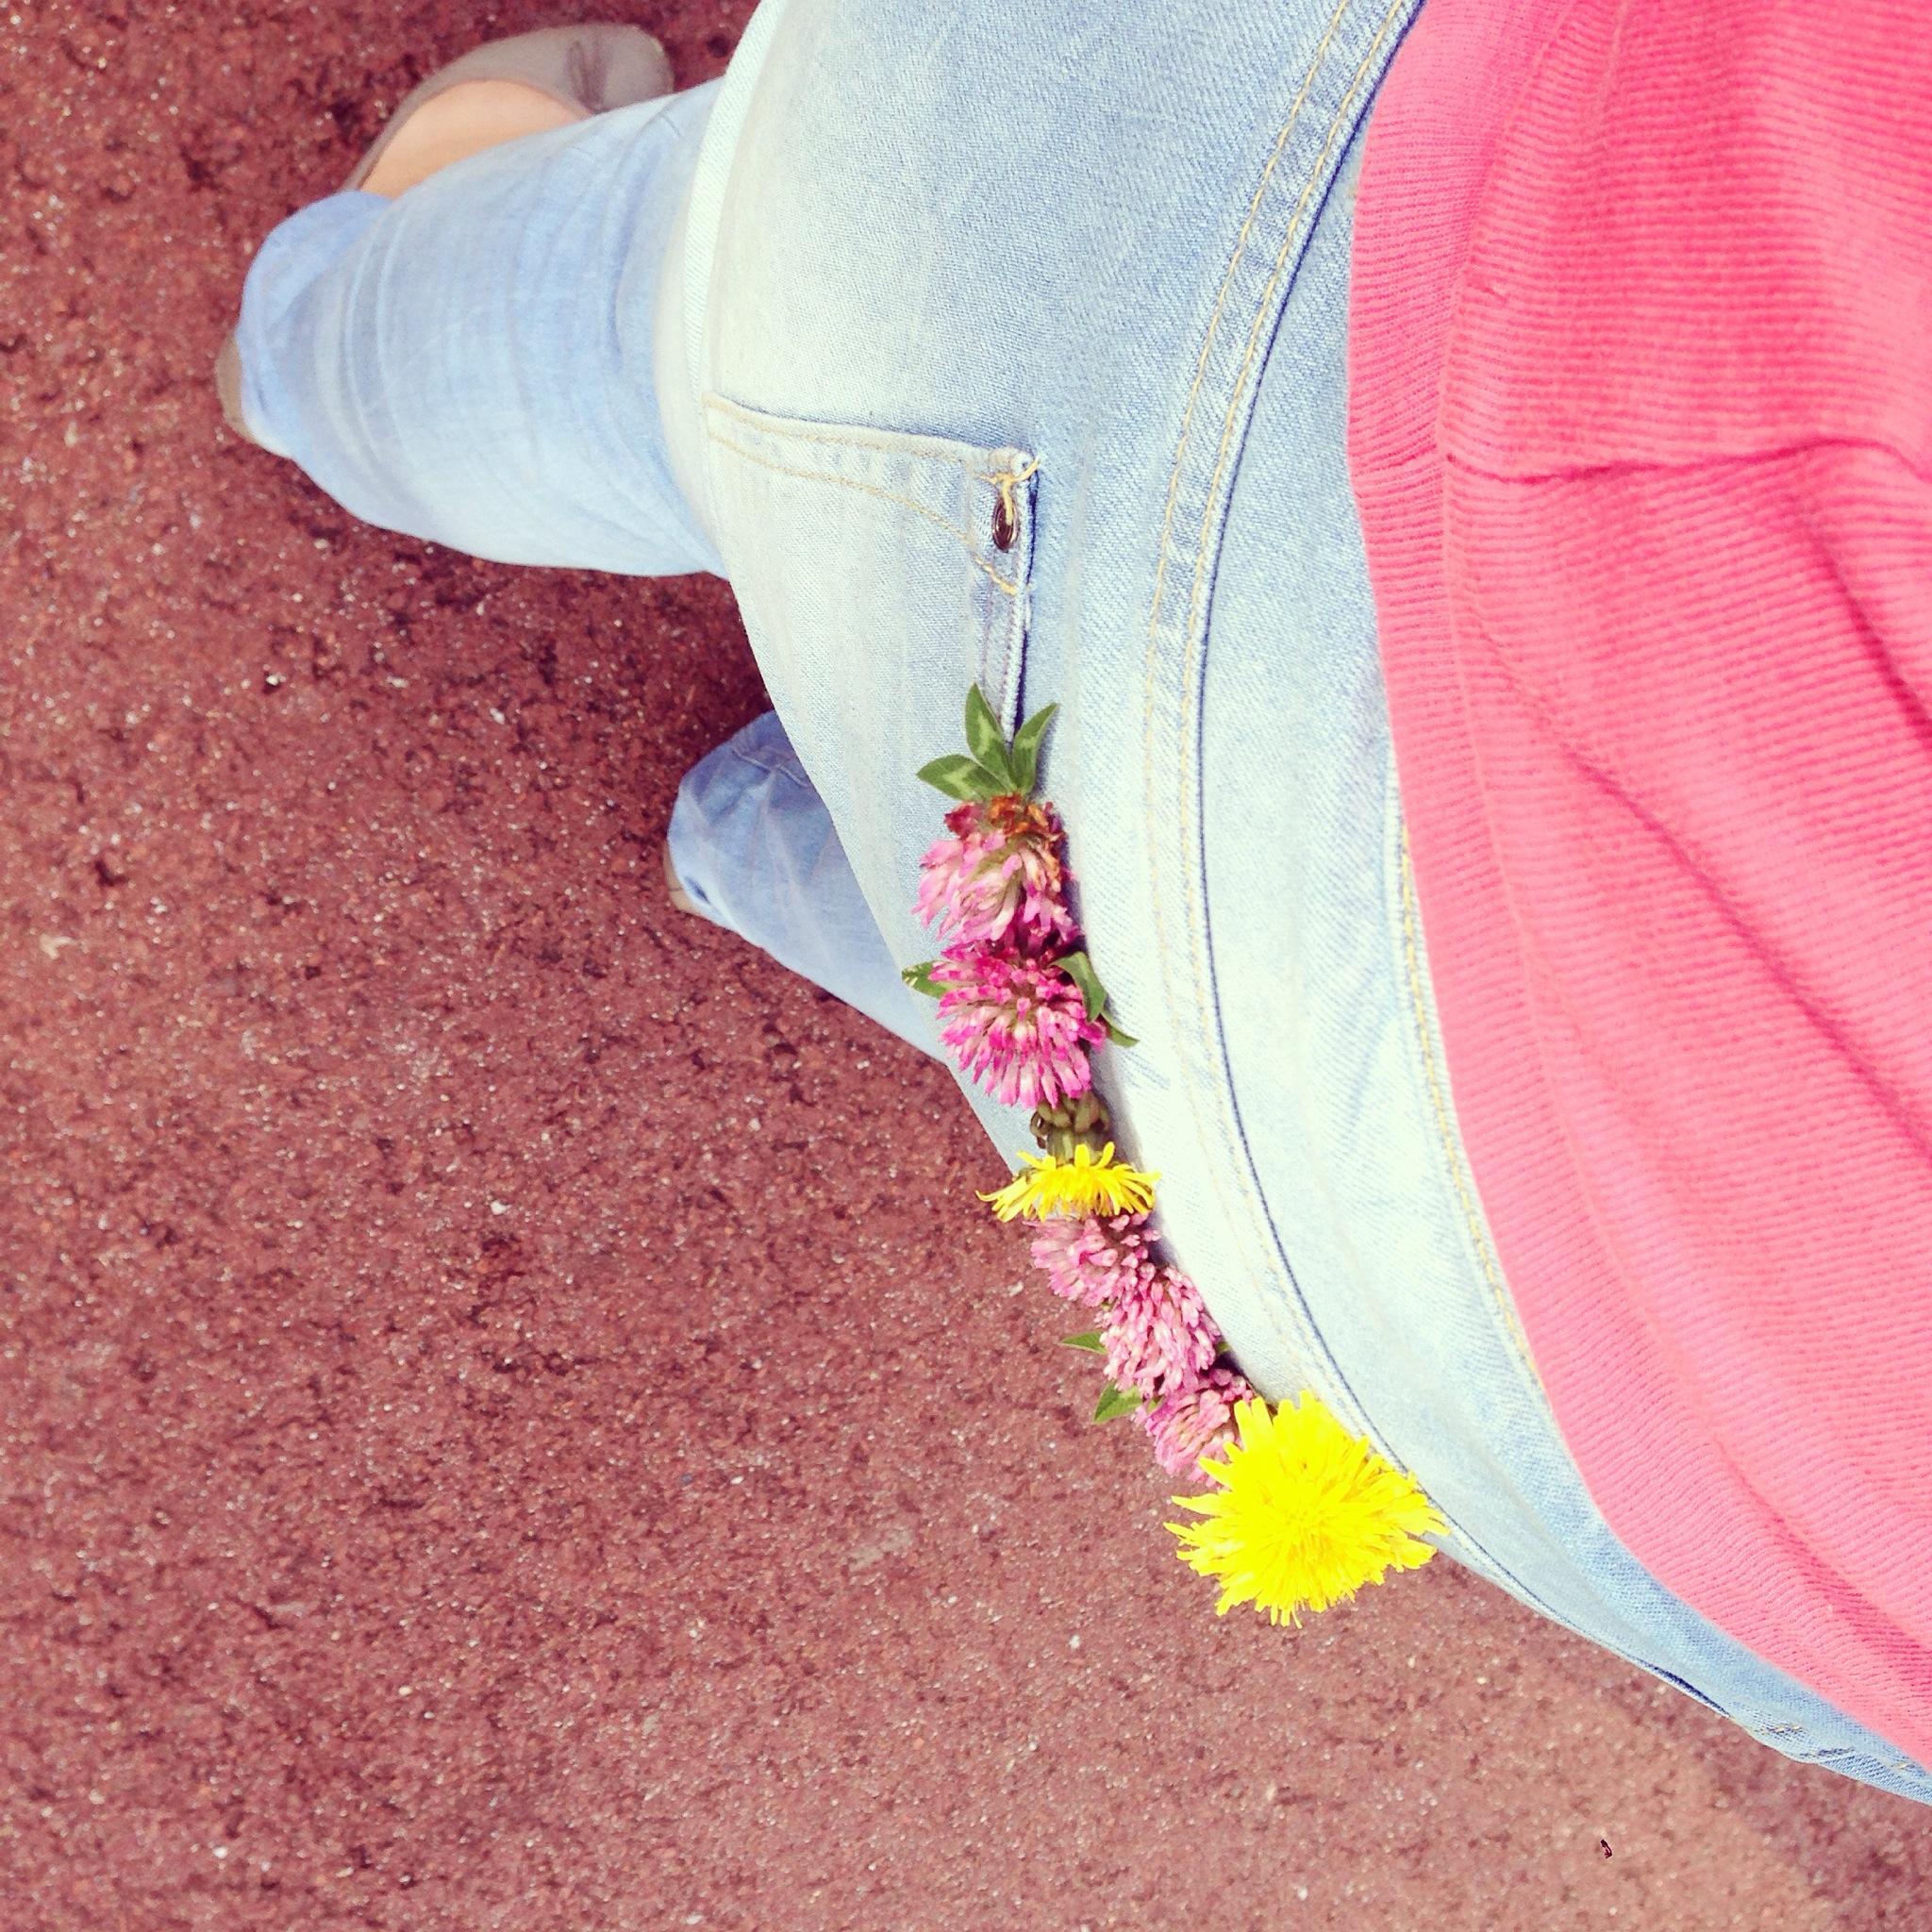 Onderweg werd mijn broek versierd. Voor iedereen die me zag lopen. Het was Eva's idee!